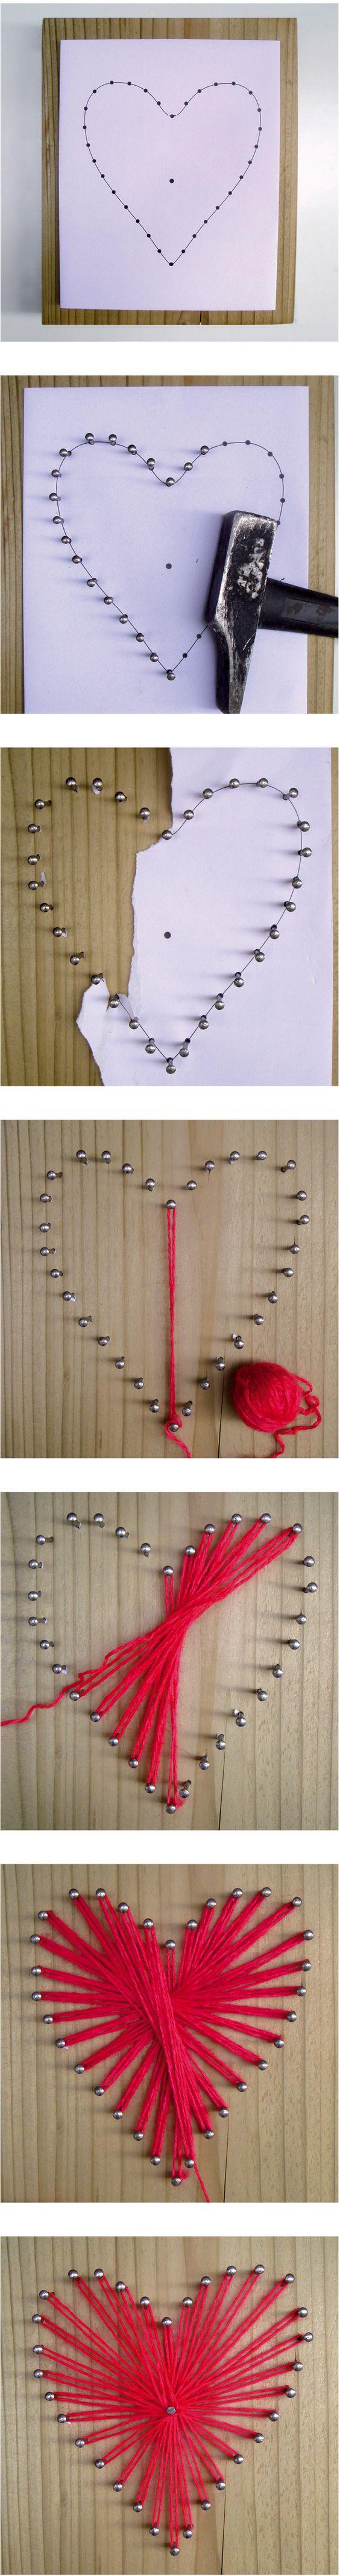 Il y a quelqu'un à qui tu veux témoigner ton amour ? Fabrique-lui ce cœur en fil qui lui fera le plus tendre effet ! Il te faut : – une plaque de bois – un modèle en papier – des …